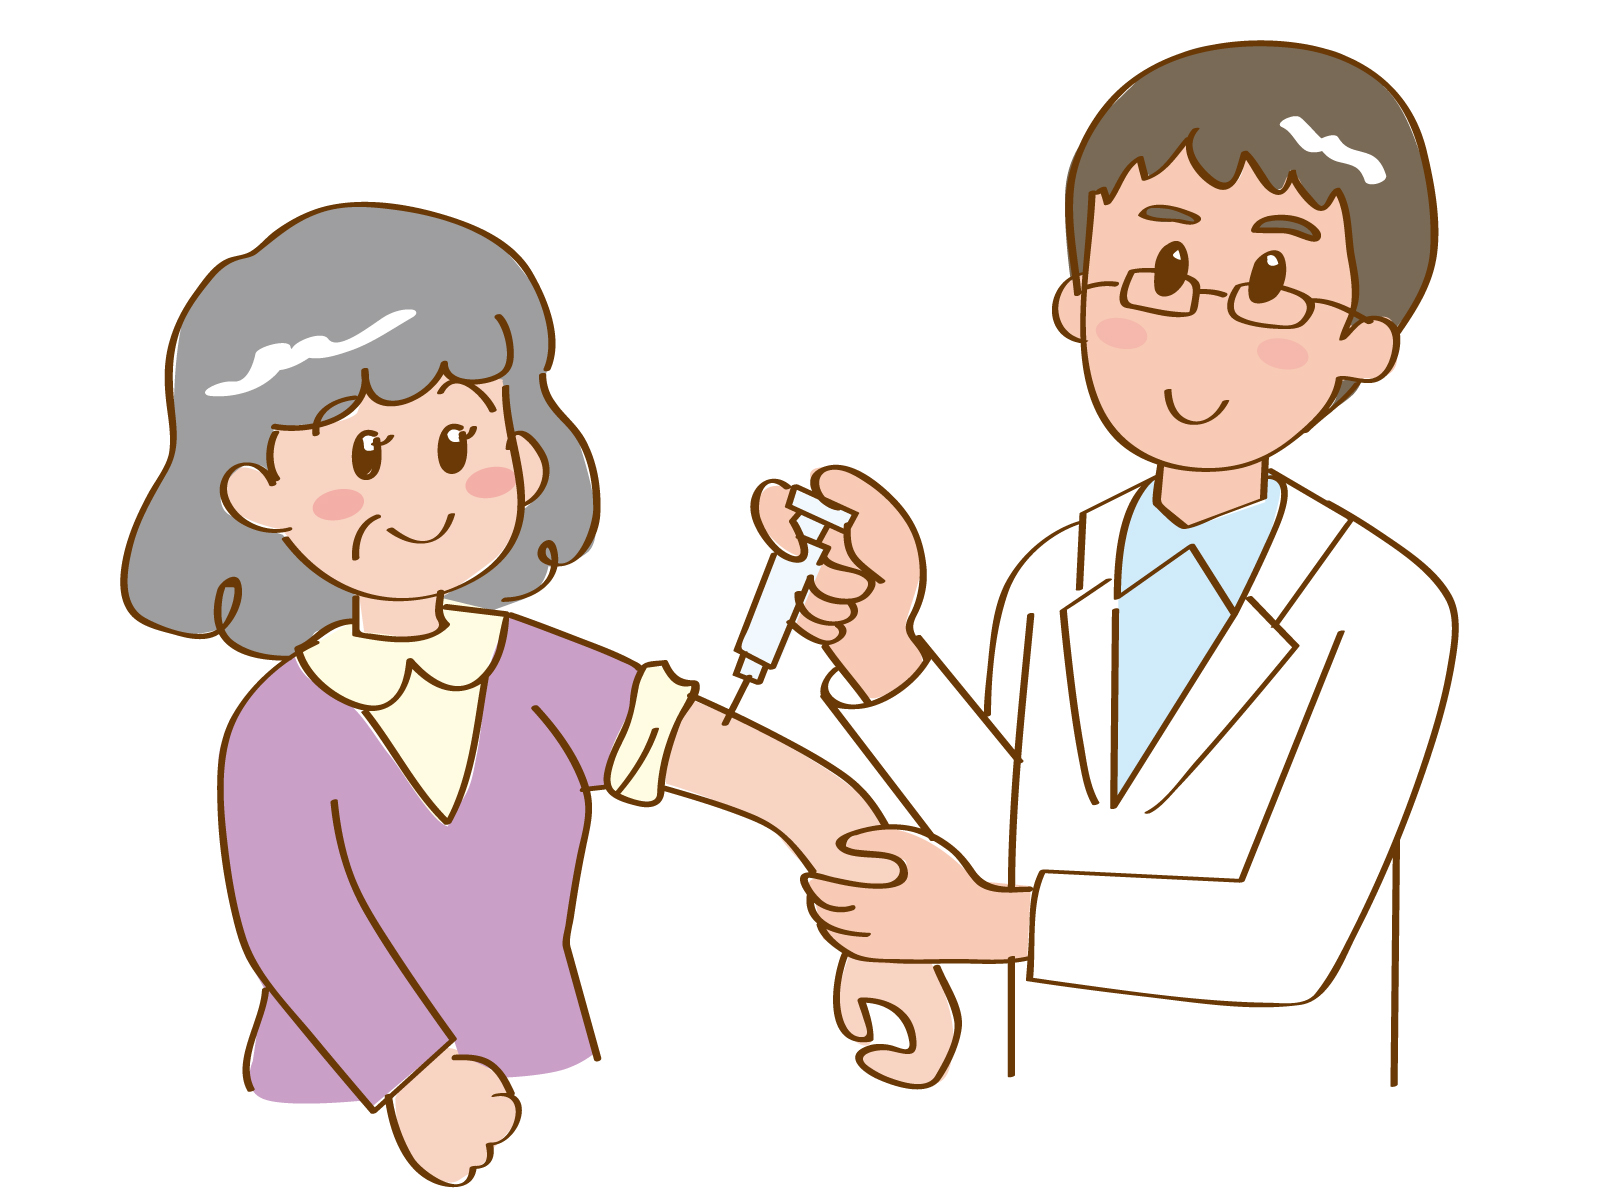 西田敏行さんの肺炎球菌ワクチンCMに異議あり